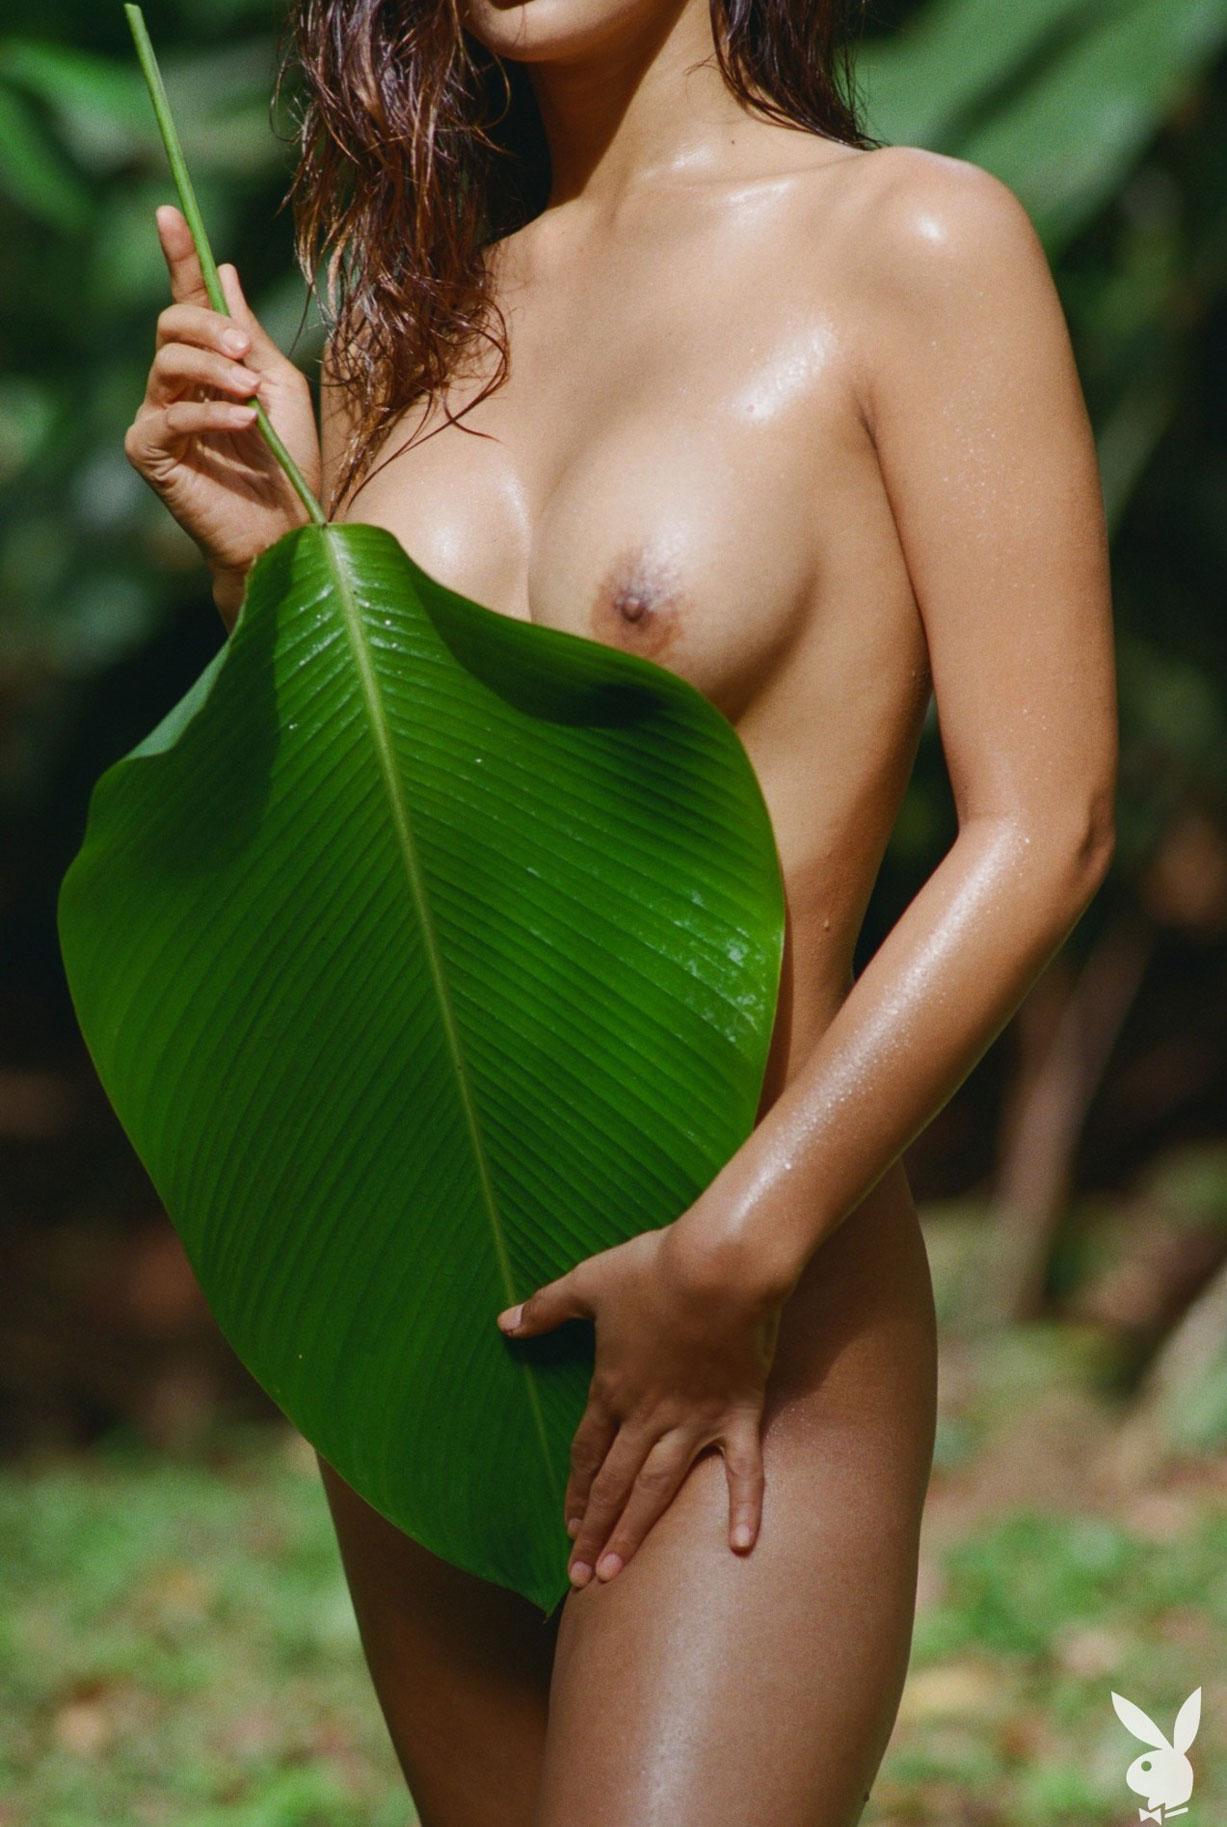 Девушка месяца Playboy США в августе 2019 - трансгендерная модель Джина Росеро / фото 12